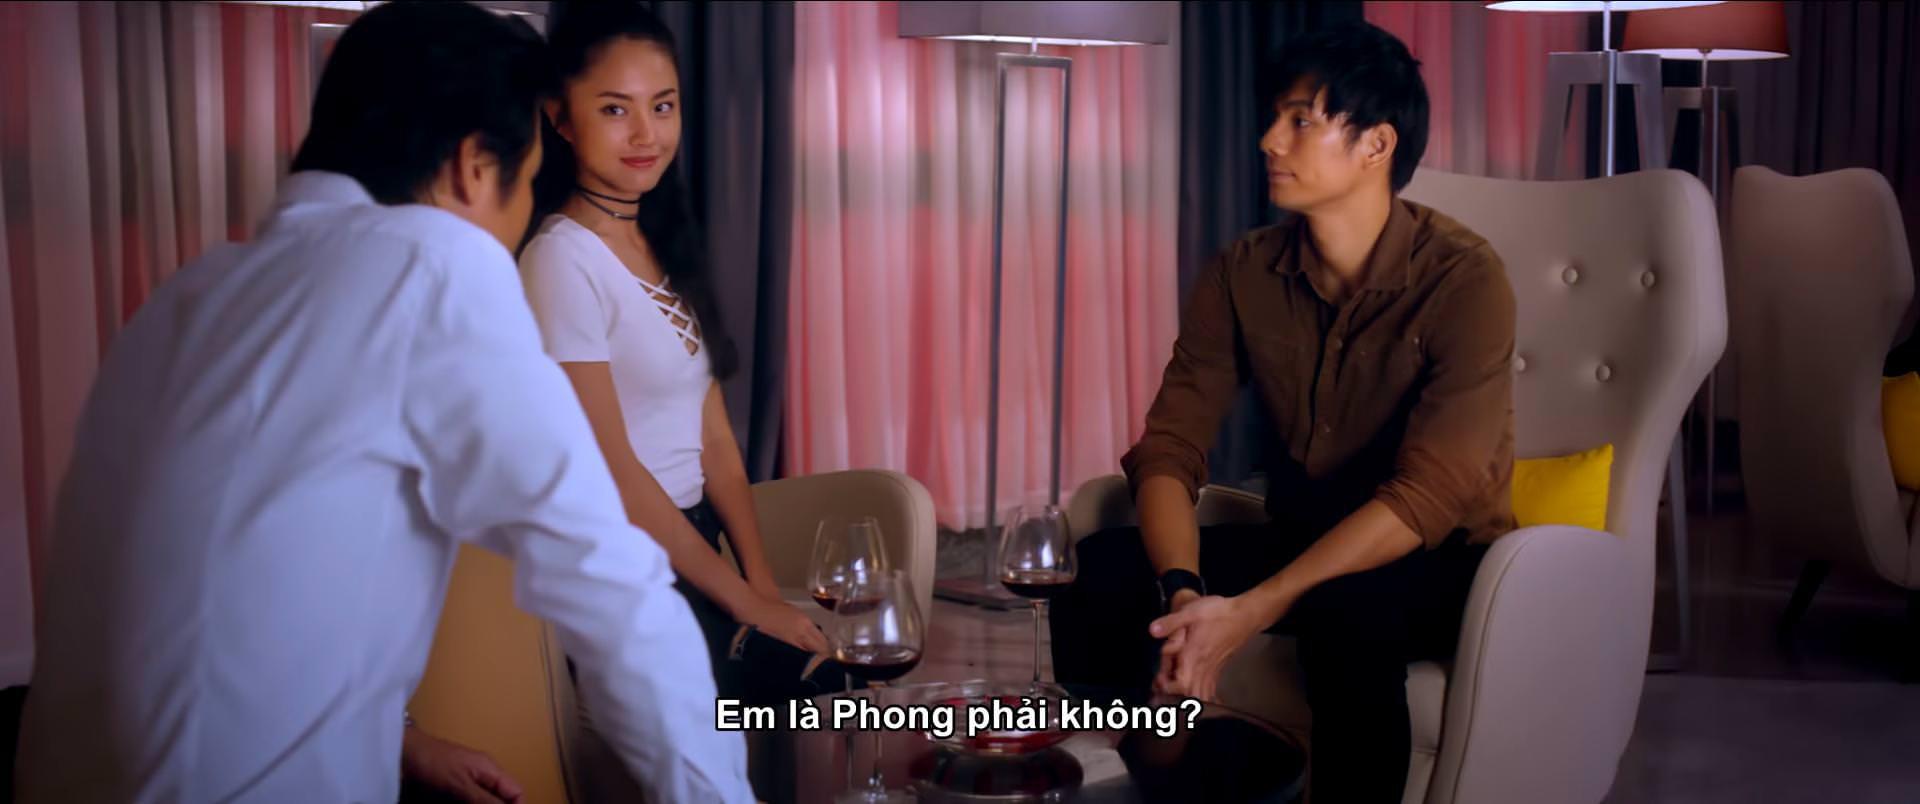 Rima Thanh Vy - đại diện Việt Nam tại Asias Next Top Model là ai? - Ảnh 9.